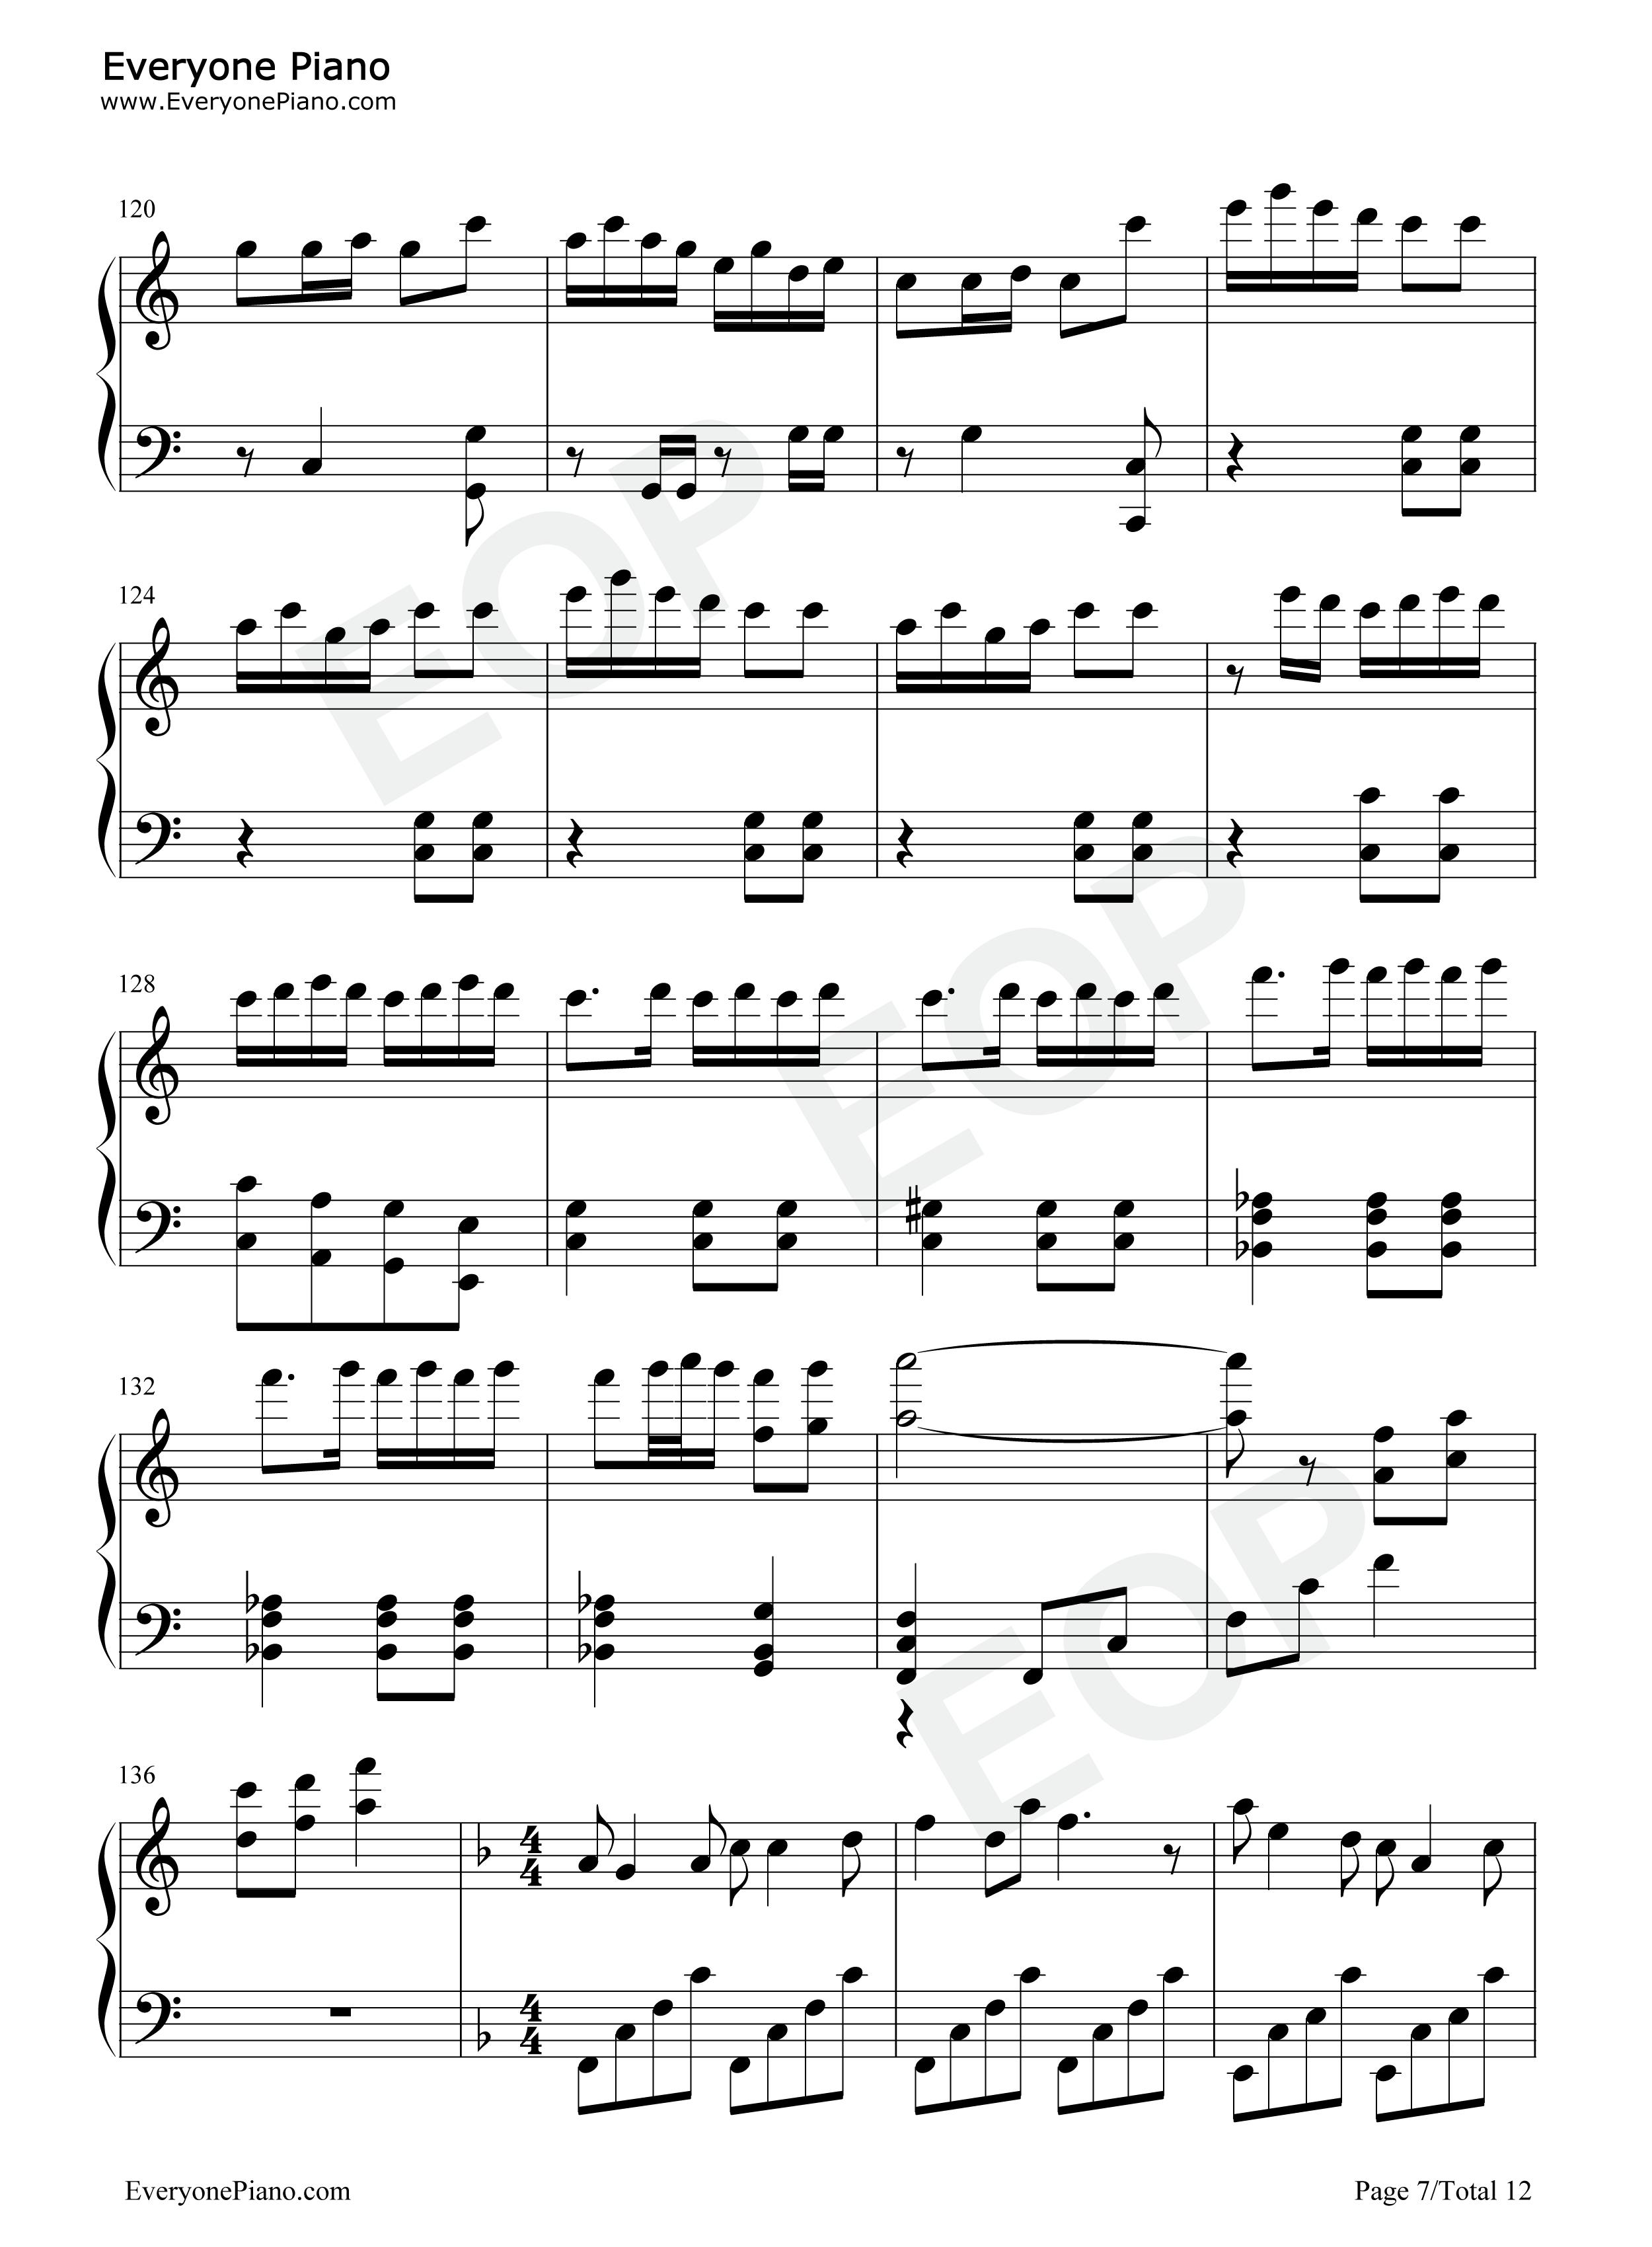 春节序曲教案_春节序曲五线谱预览